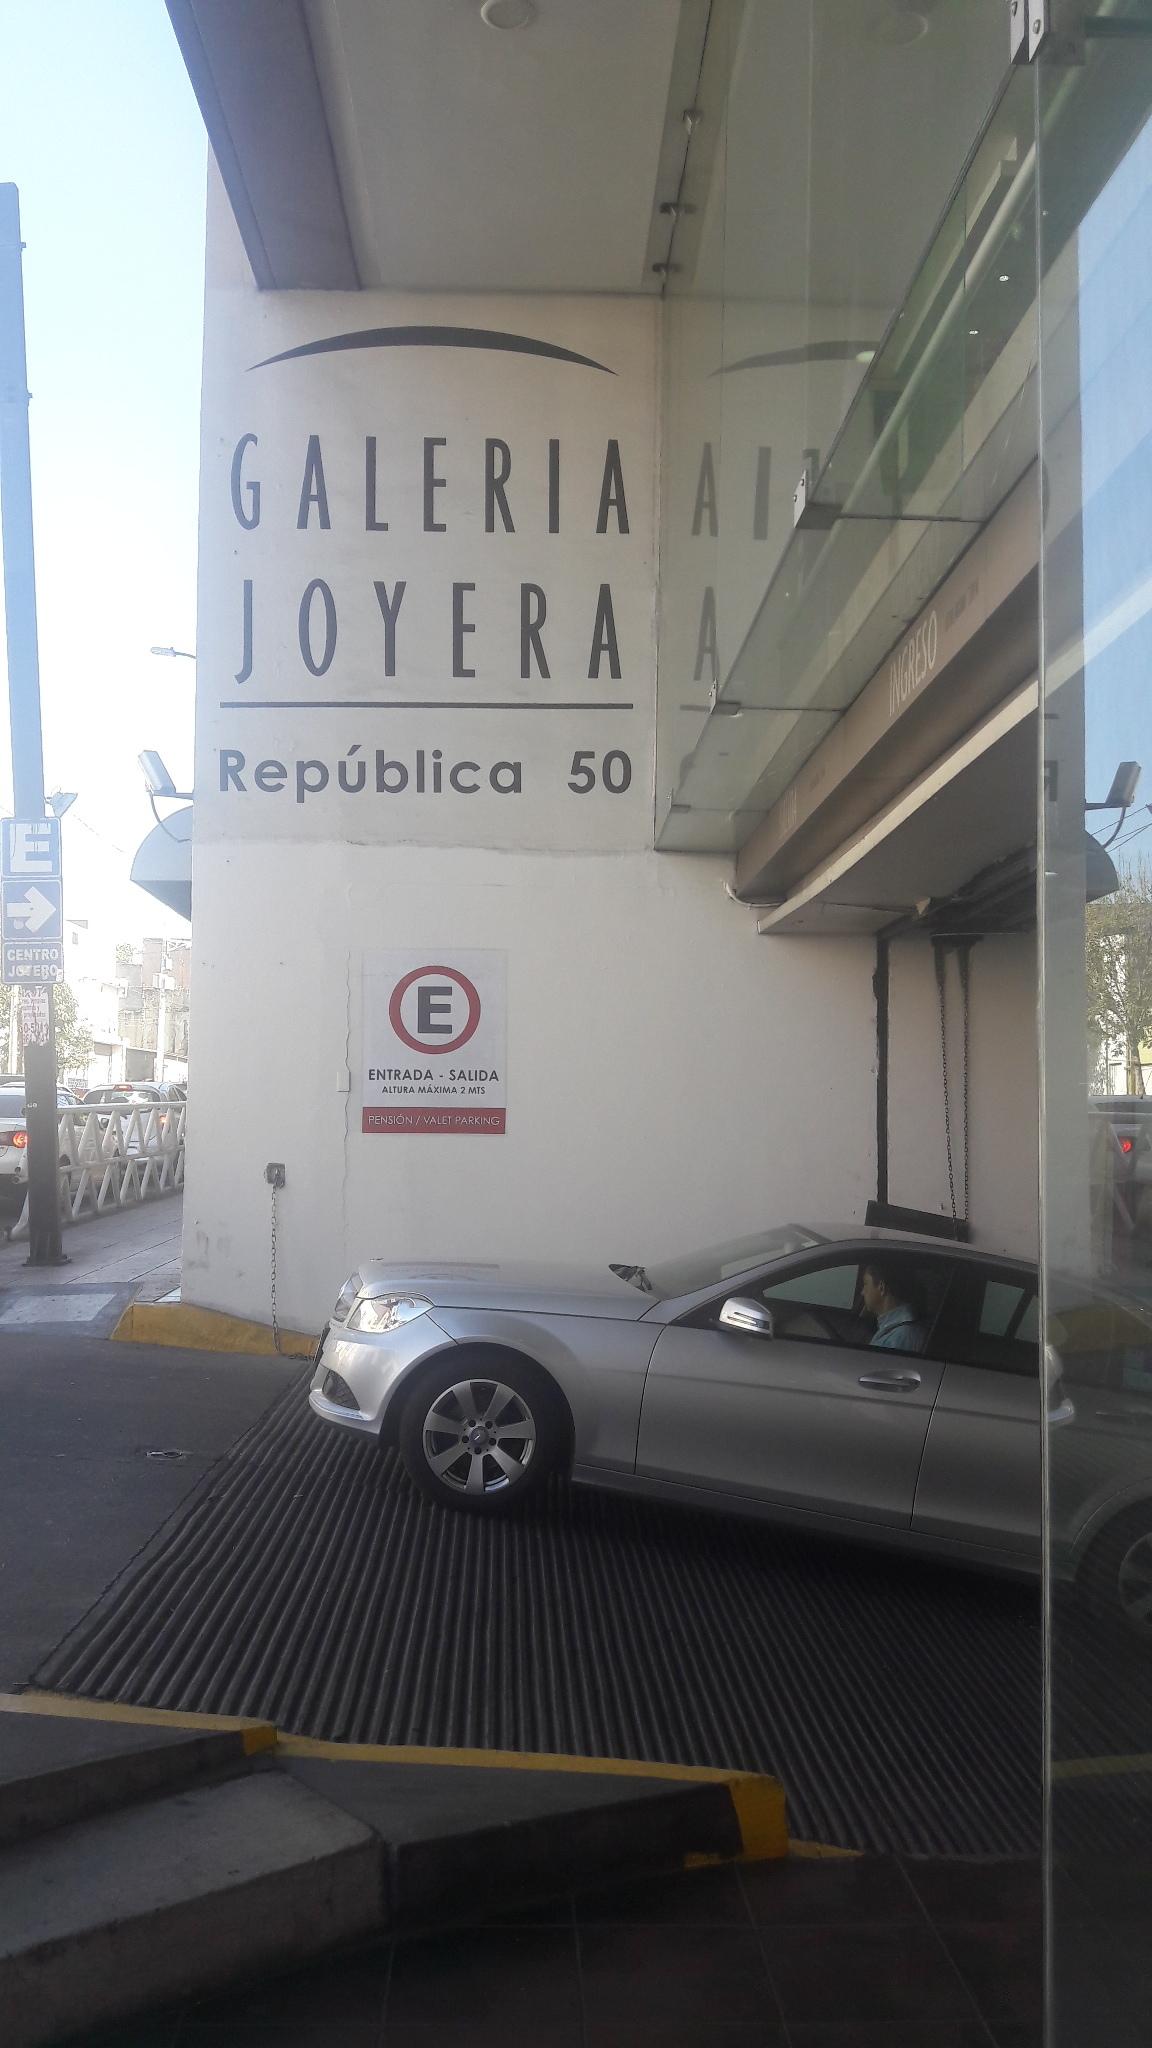 Se vende negocio aclientado de joyeria dentro de plaza comercial en el centro de Guadalajara. El   local comercial dentro de  plaza comercial de Centro Joyero Galería, en el centro de la ciudad de Guadalajara, Jalisco, en la plaza Tapatía.  El local tiene superficie de  22 m2 dentro del  centro comercial, en el tercer piso, con escaleras eléctrica, estacionamiento con valet parking, elevadores, baños,  puertas de cristal.  Es un centro comercial moderno, en buenas condiciones y de tres pisos. Está ubicado en el centro de la ciudad de Guadalajara, cerca del Hospicio Cabañas, de Catedral y mercado San Juan de Dios  y en la zona joyera.  No incluye mercancía.Si le interesa la mercancía y la lista de proveedores y clientes, puede pedir esta información.  En el tercer piso del centro Joyero Galería  hay baños para damas y caballeros, aproximadamente 8 en total. Ideal para quien busca un negocio para joyería u oficina. El precio es sin impuestos. Las siguientes líneas de transporte tienen rutas que pasan cerca de Galería Joyera Centro Joyero - Autobús: 231-C, 258-D, LÍNEA 3, PARADOR; Tren: TL-2. EasyBroker ID: EB-BH8542 2